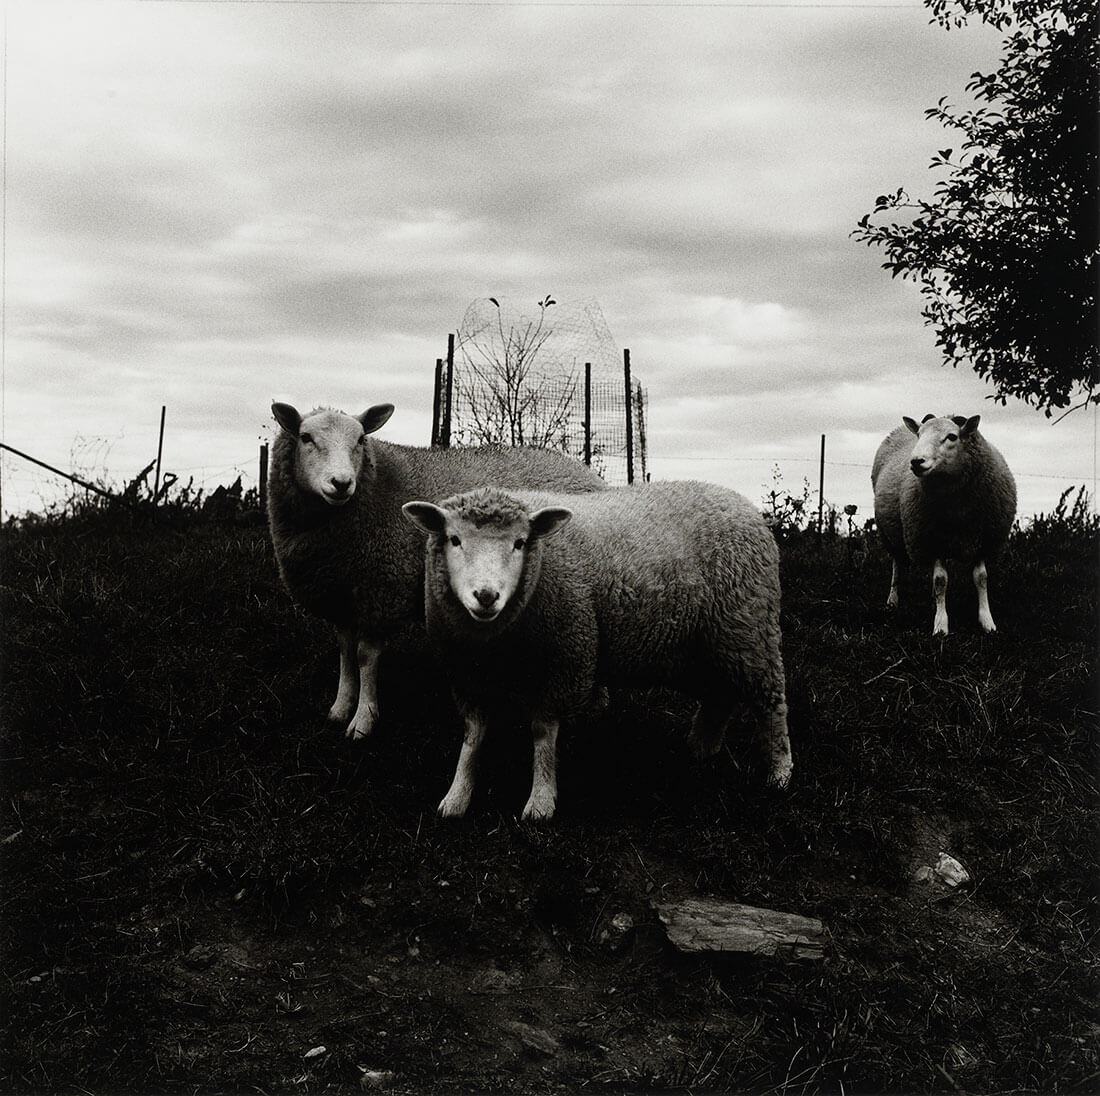 Sheep, Pennsylvania